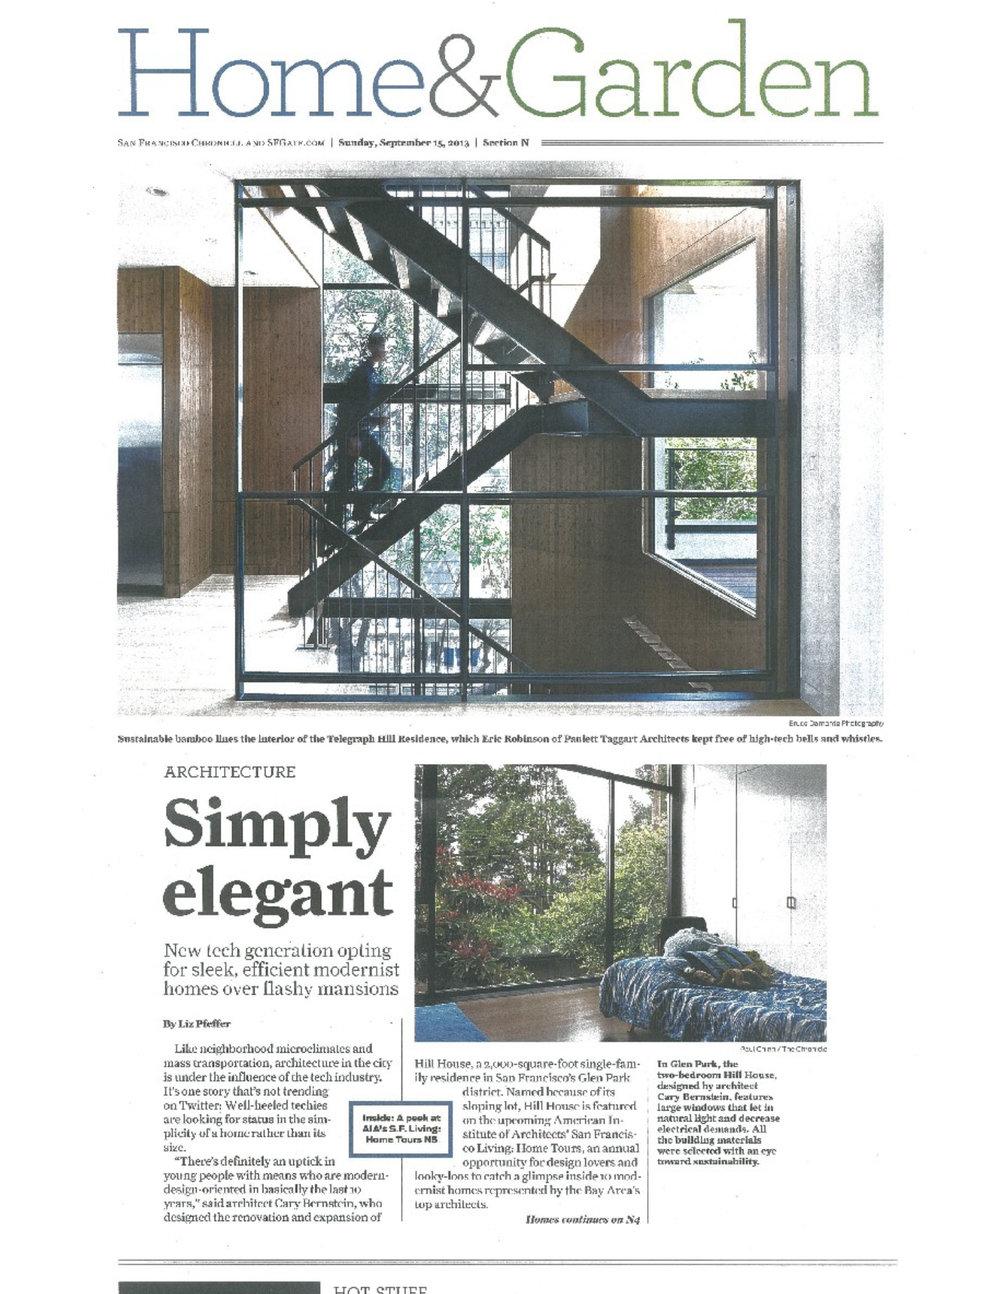 SF Chronicle Home & Garden section Sept 2013-1.jpg